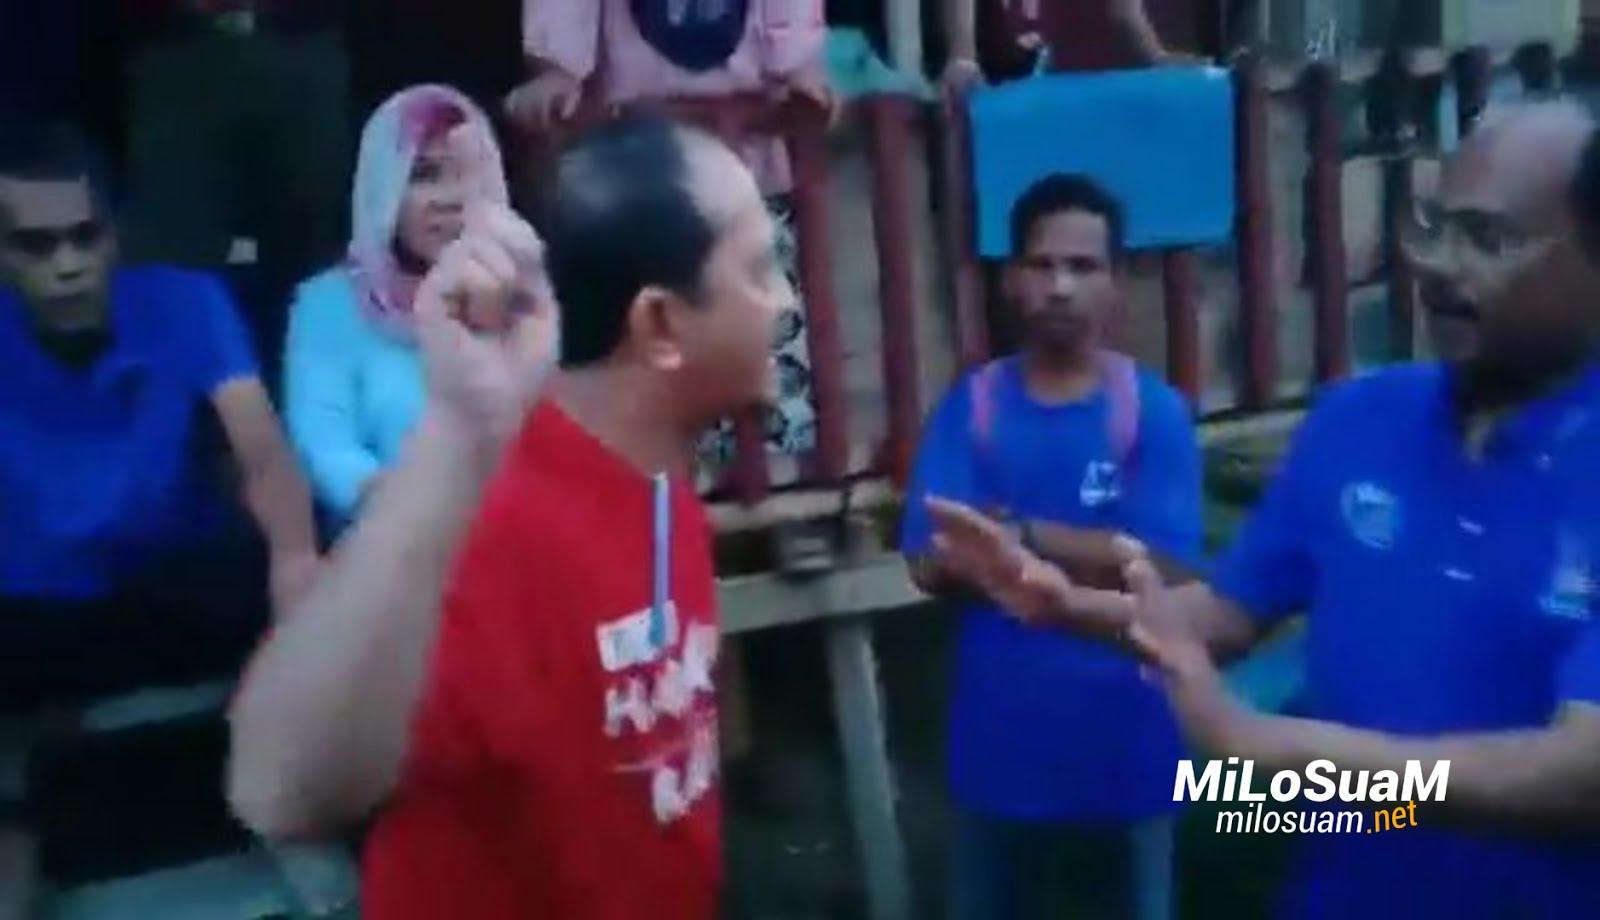 Wakil Rakyat PH bertengkar dengan penyokong BN